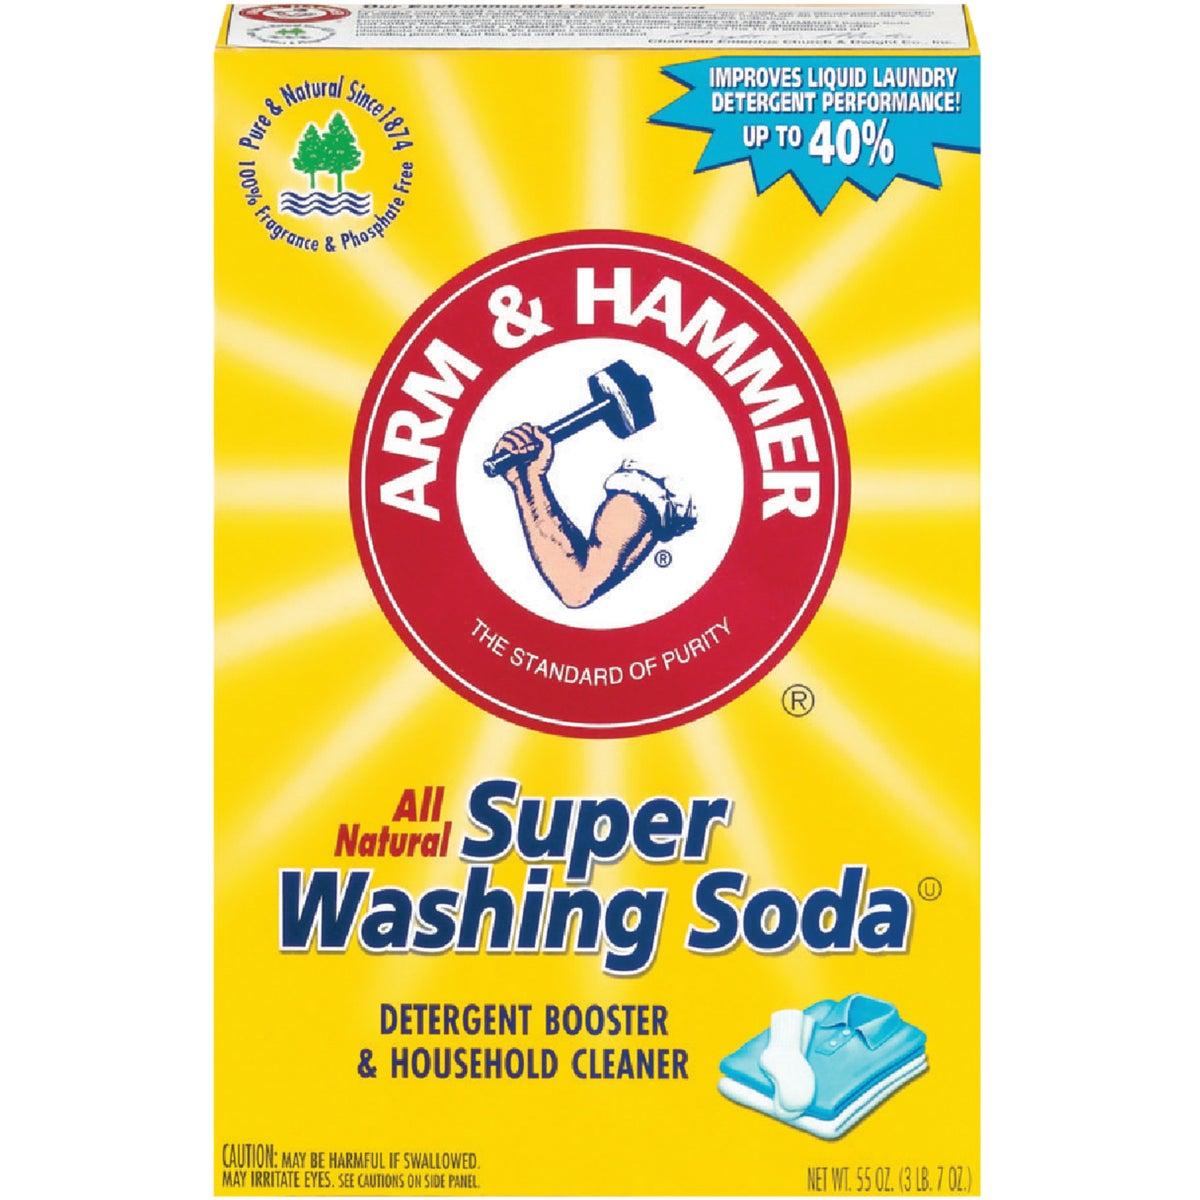 A&H Super Washing Soda